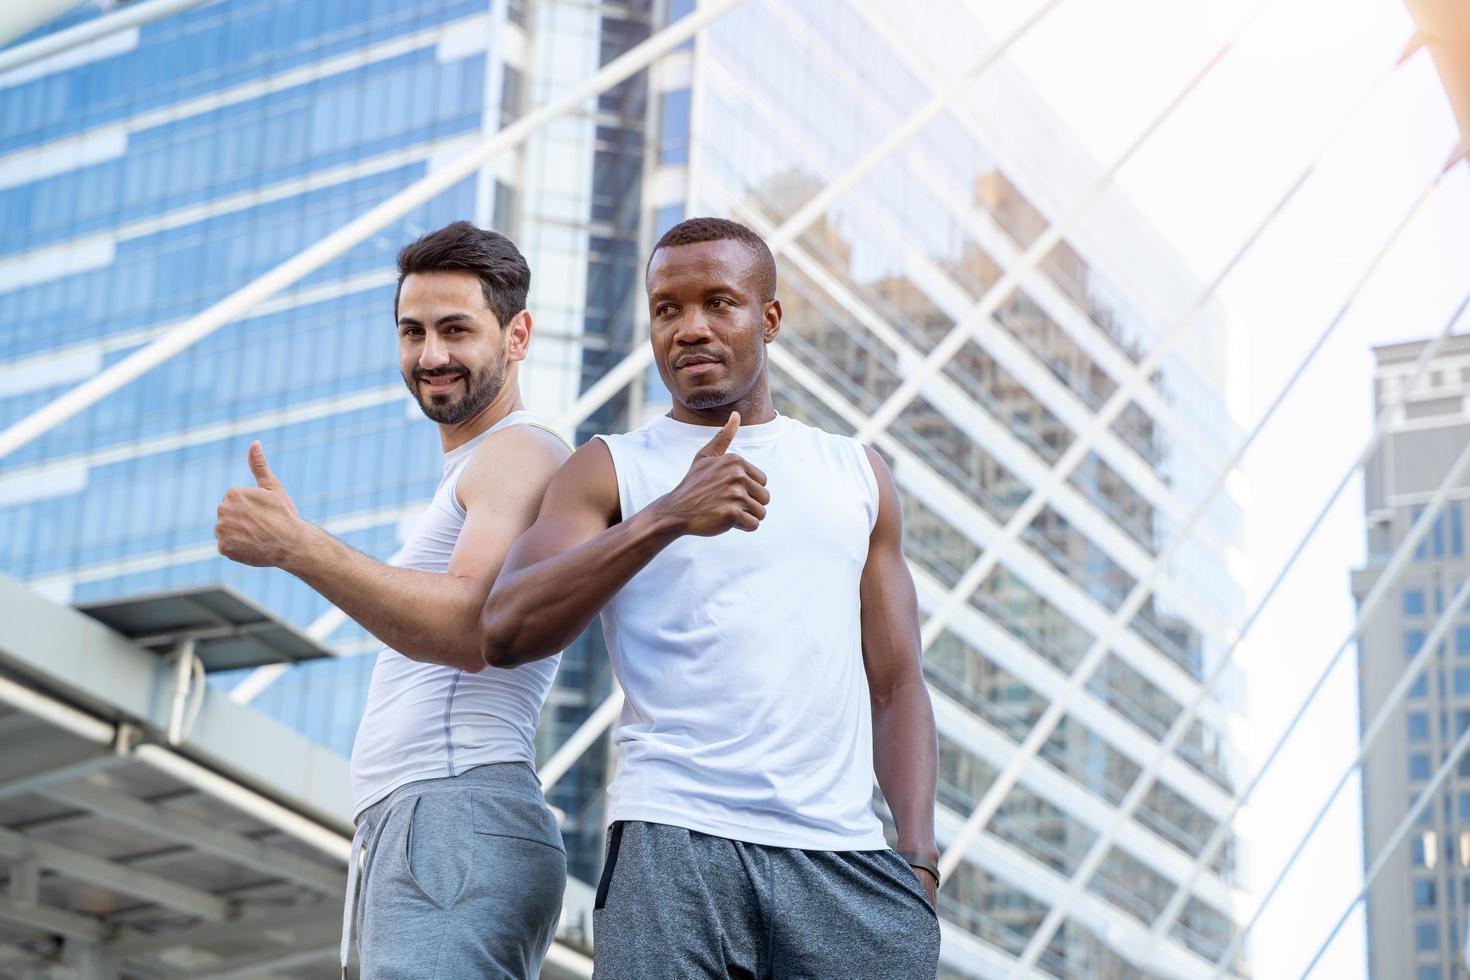 zwei Männer in sportlicher Kleidung in der Stadtszene foto